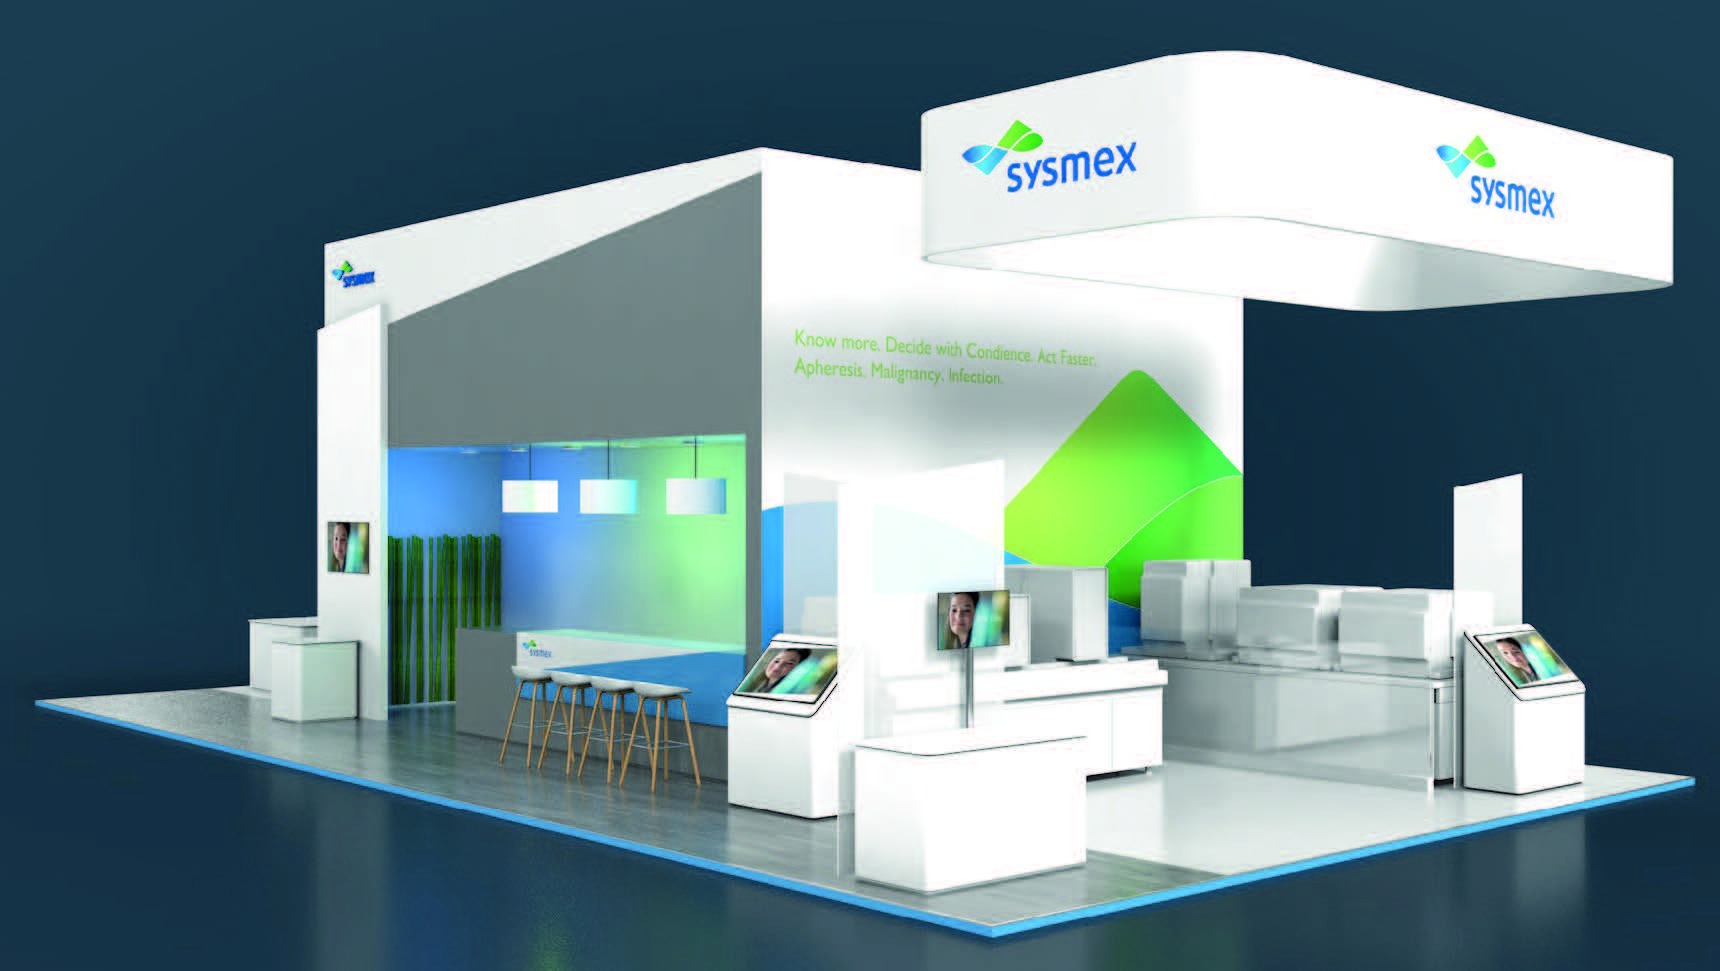 Sysmex_Medlab_Visualisierung_1